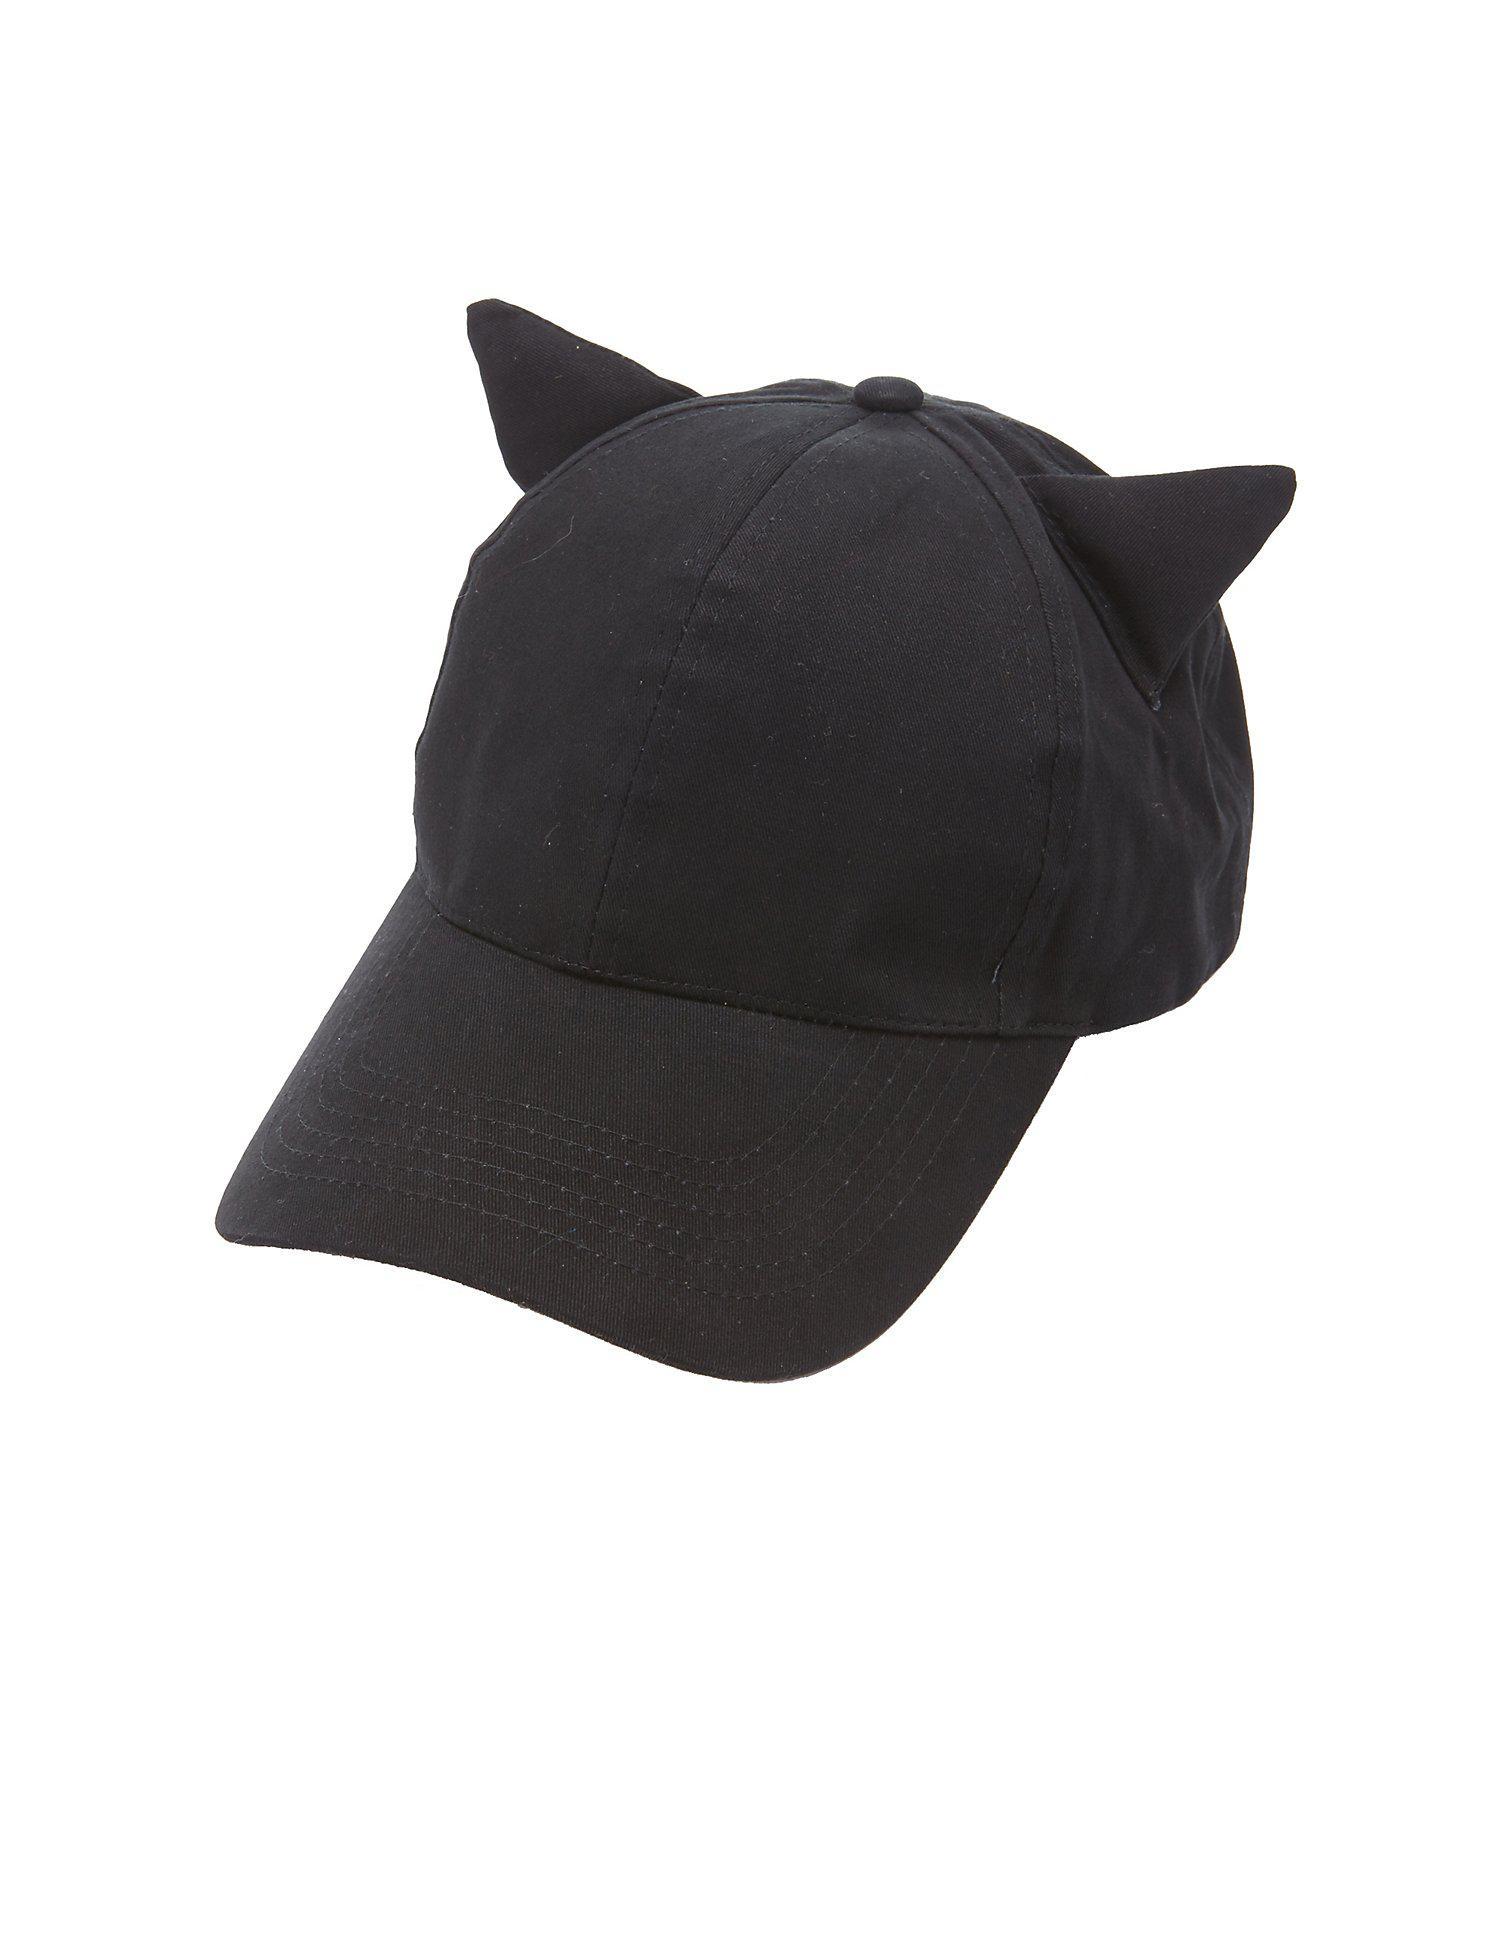 584a9944d4f1de Lyst - Charlotte Russe Cat Ear Baseball Hat in Black